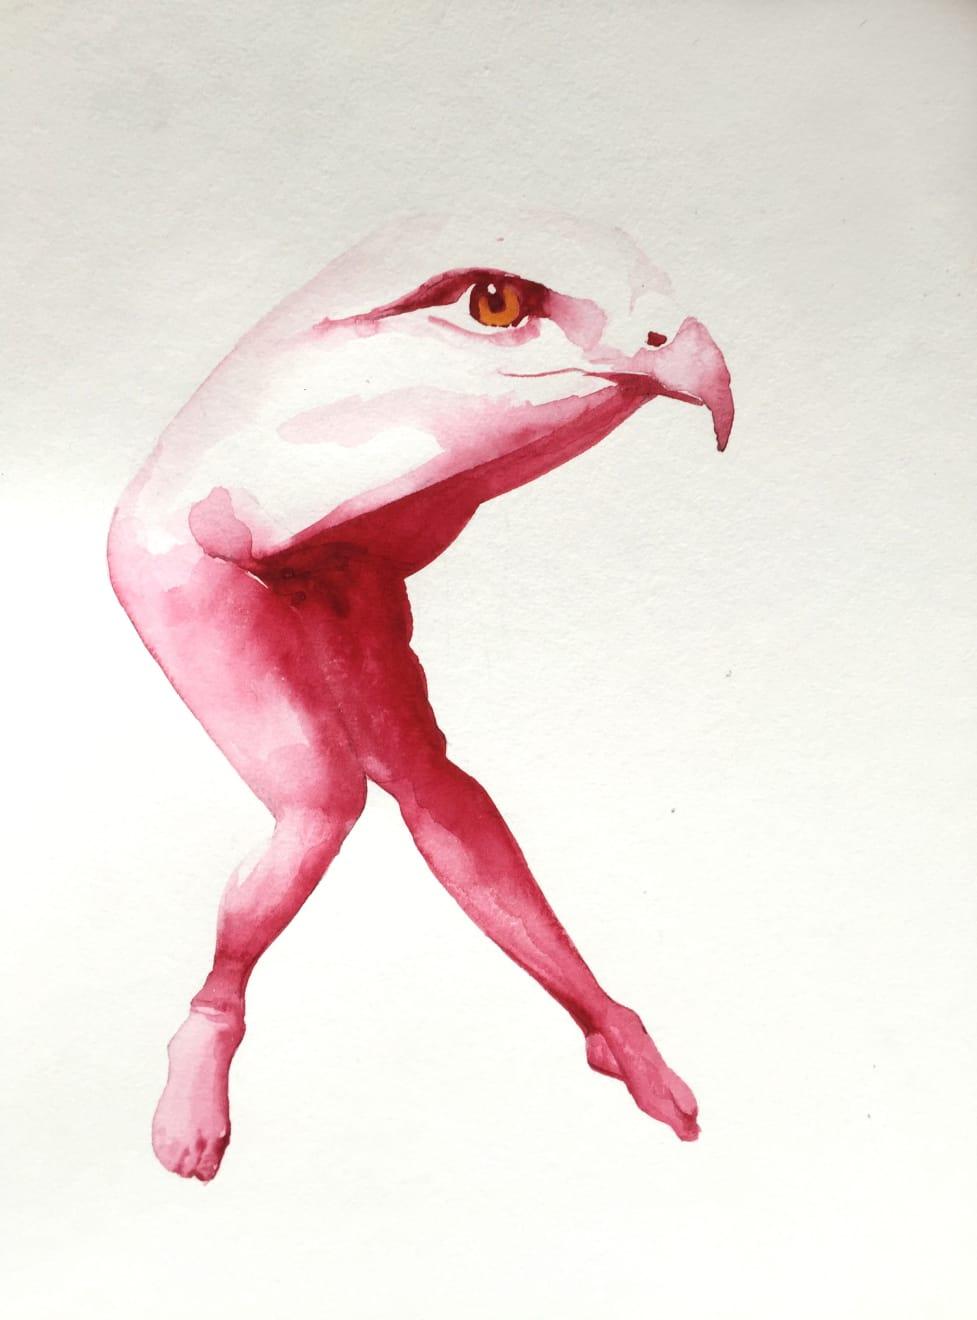 Kirsty Whiten, Eagle, 2019, Watercolour, 35 x 25 cm